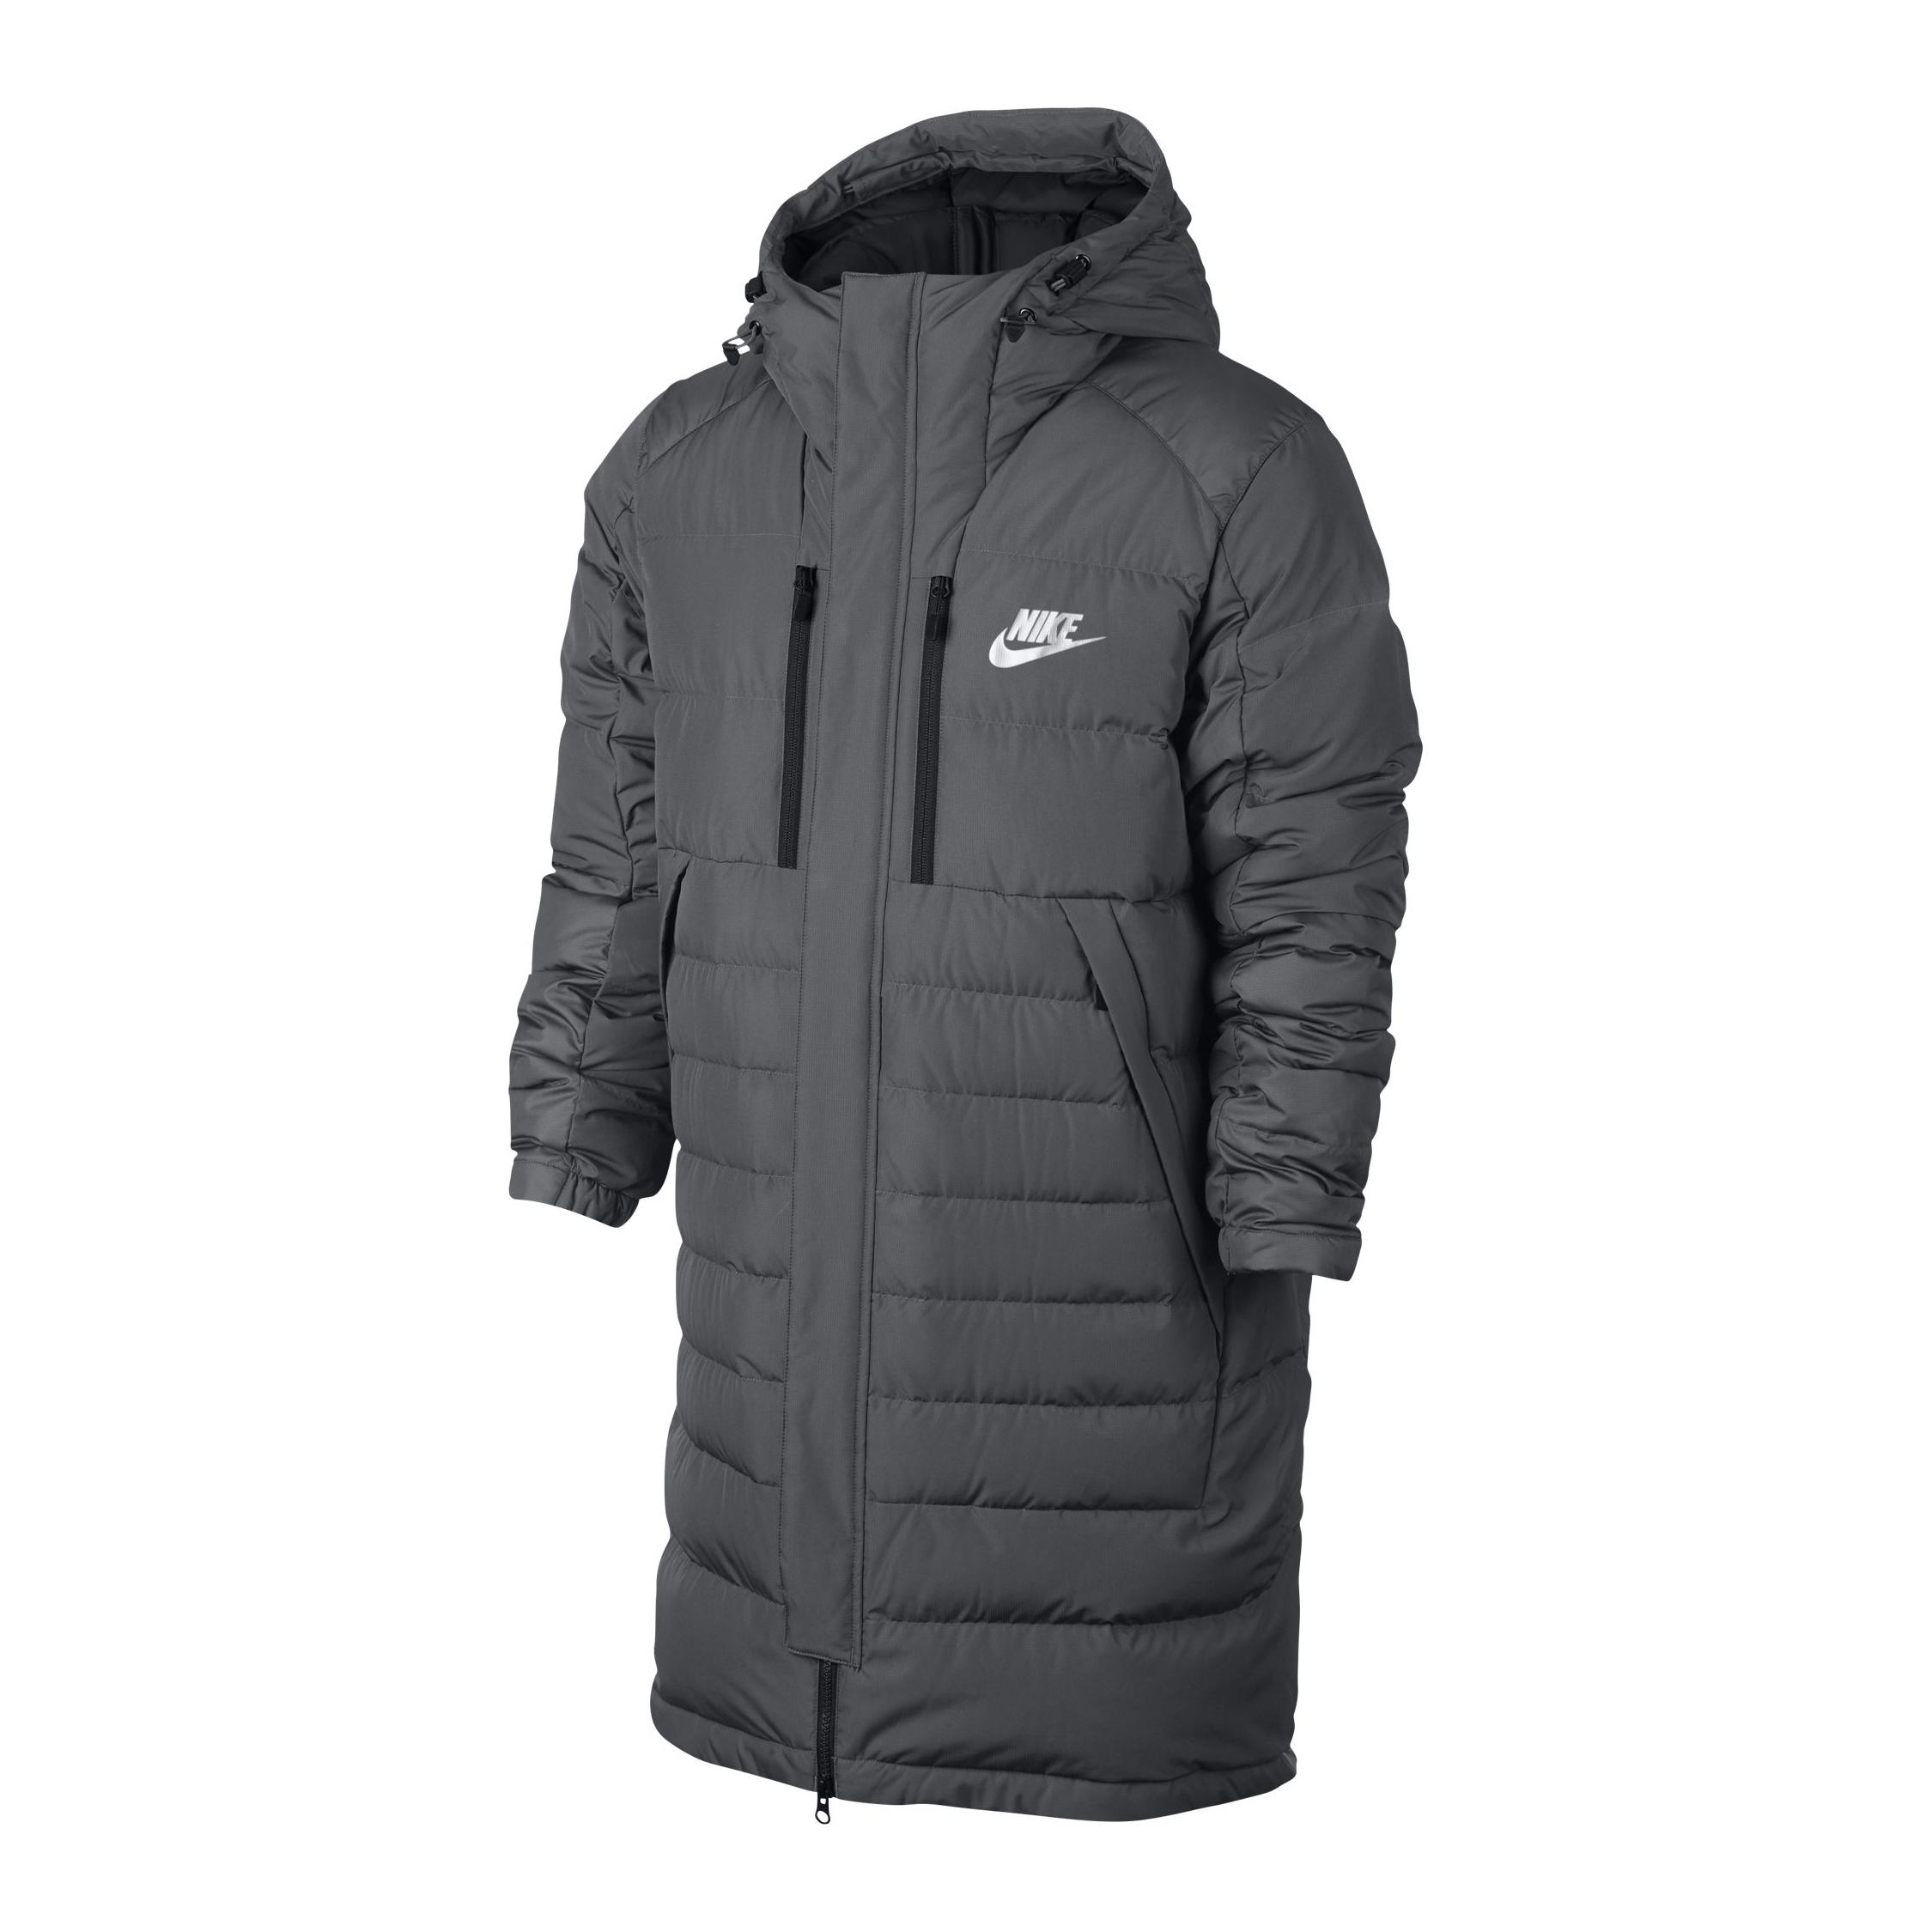 957070ad Куртки Down Fill от Nike (807393-021) - продажа, цена, фото, описание